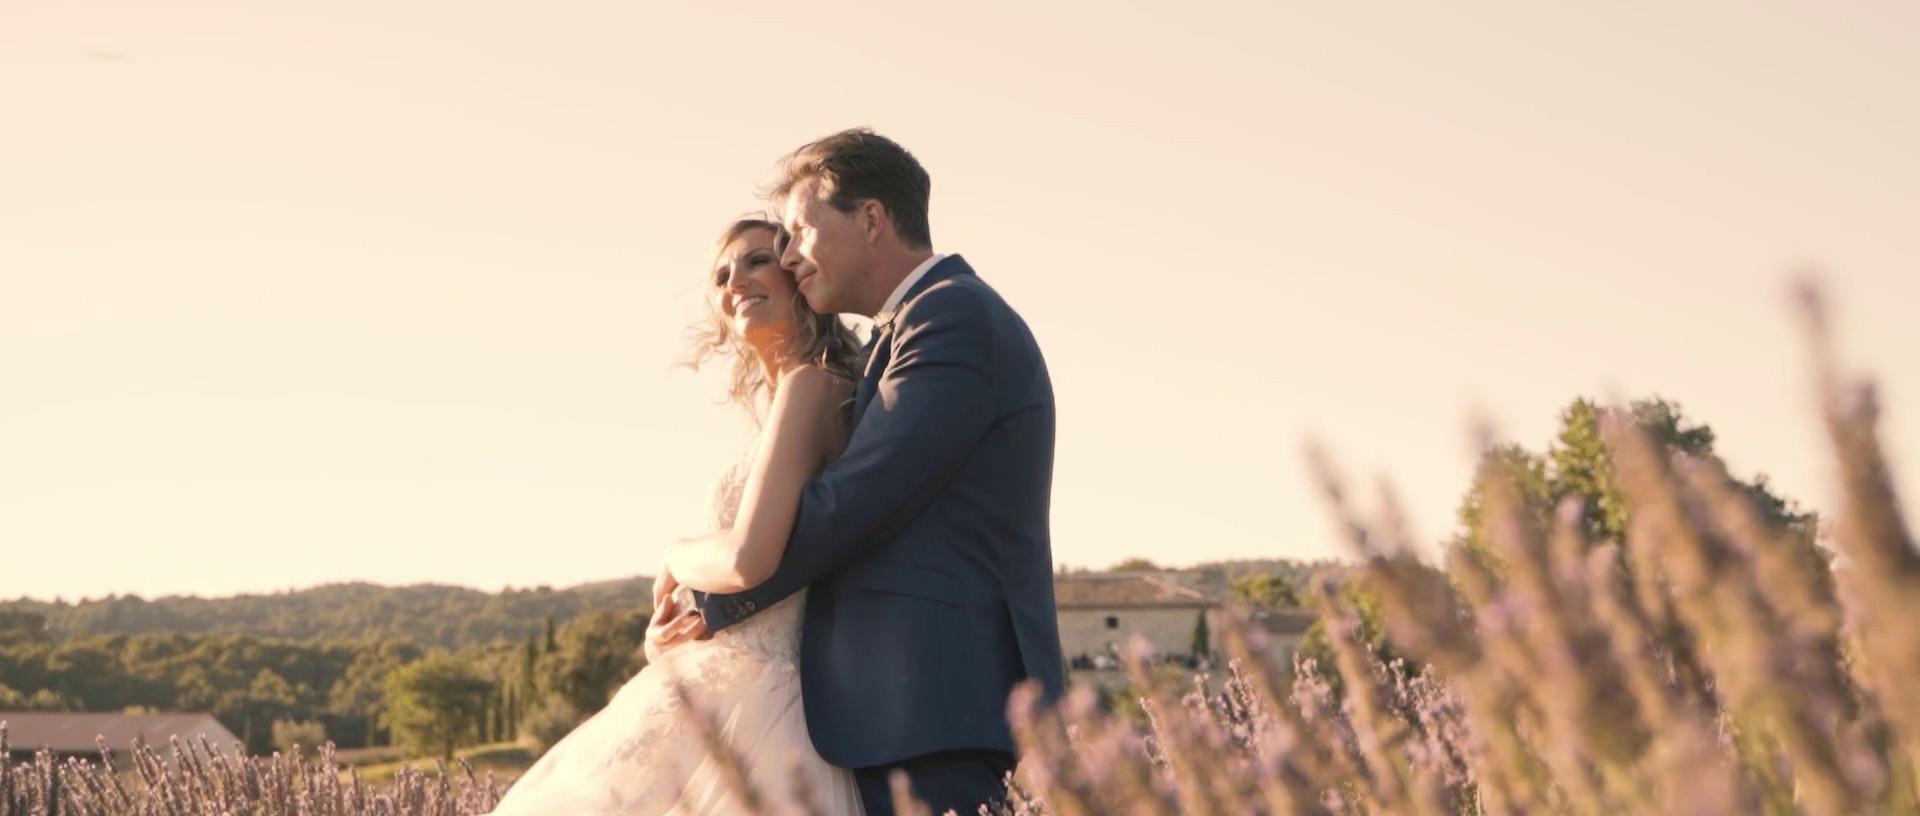 Film de Mariage au Domaine de Patras en Drôme Provençale